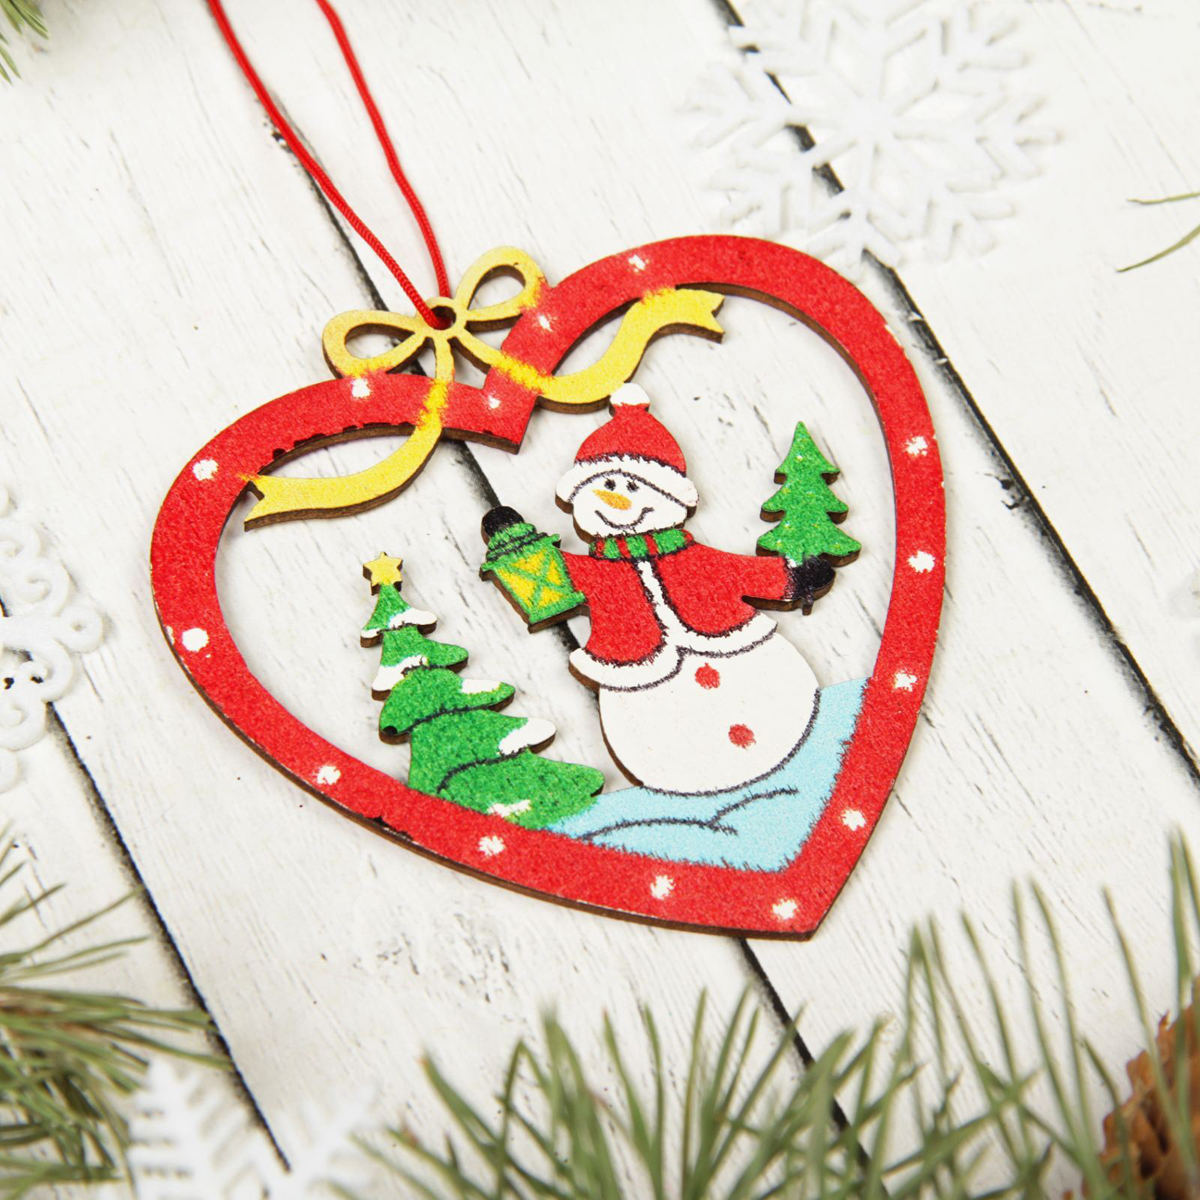 Украшение новогоднее подвесное Sima-land Снеговик в сердце, 7,5 см х 8 см свеча ароматизированная sima land лимон на подставке высота 6 см